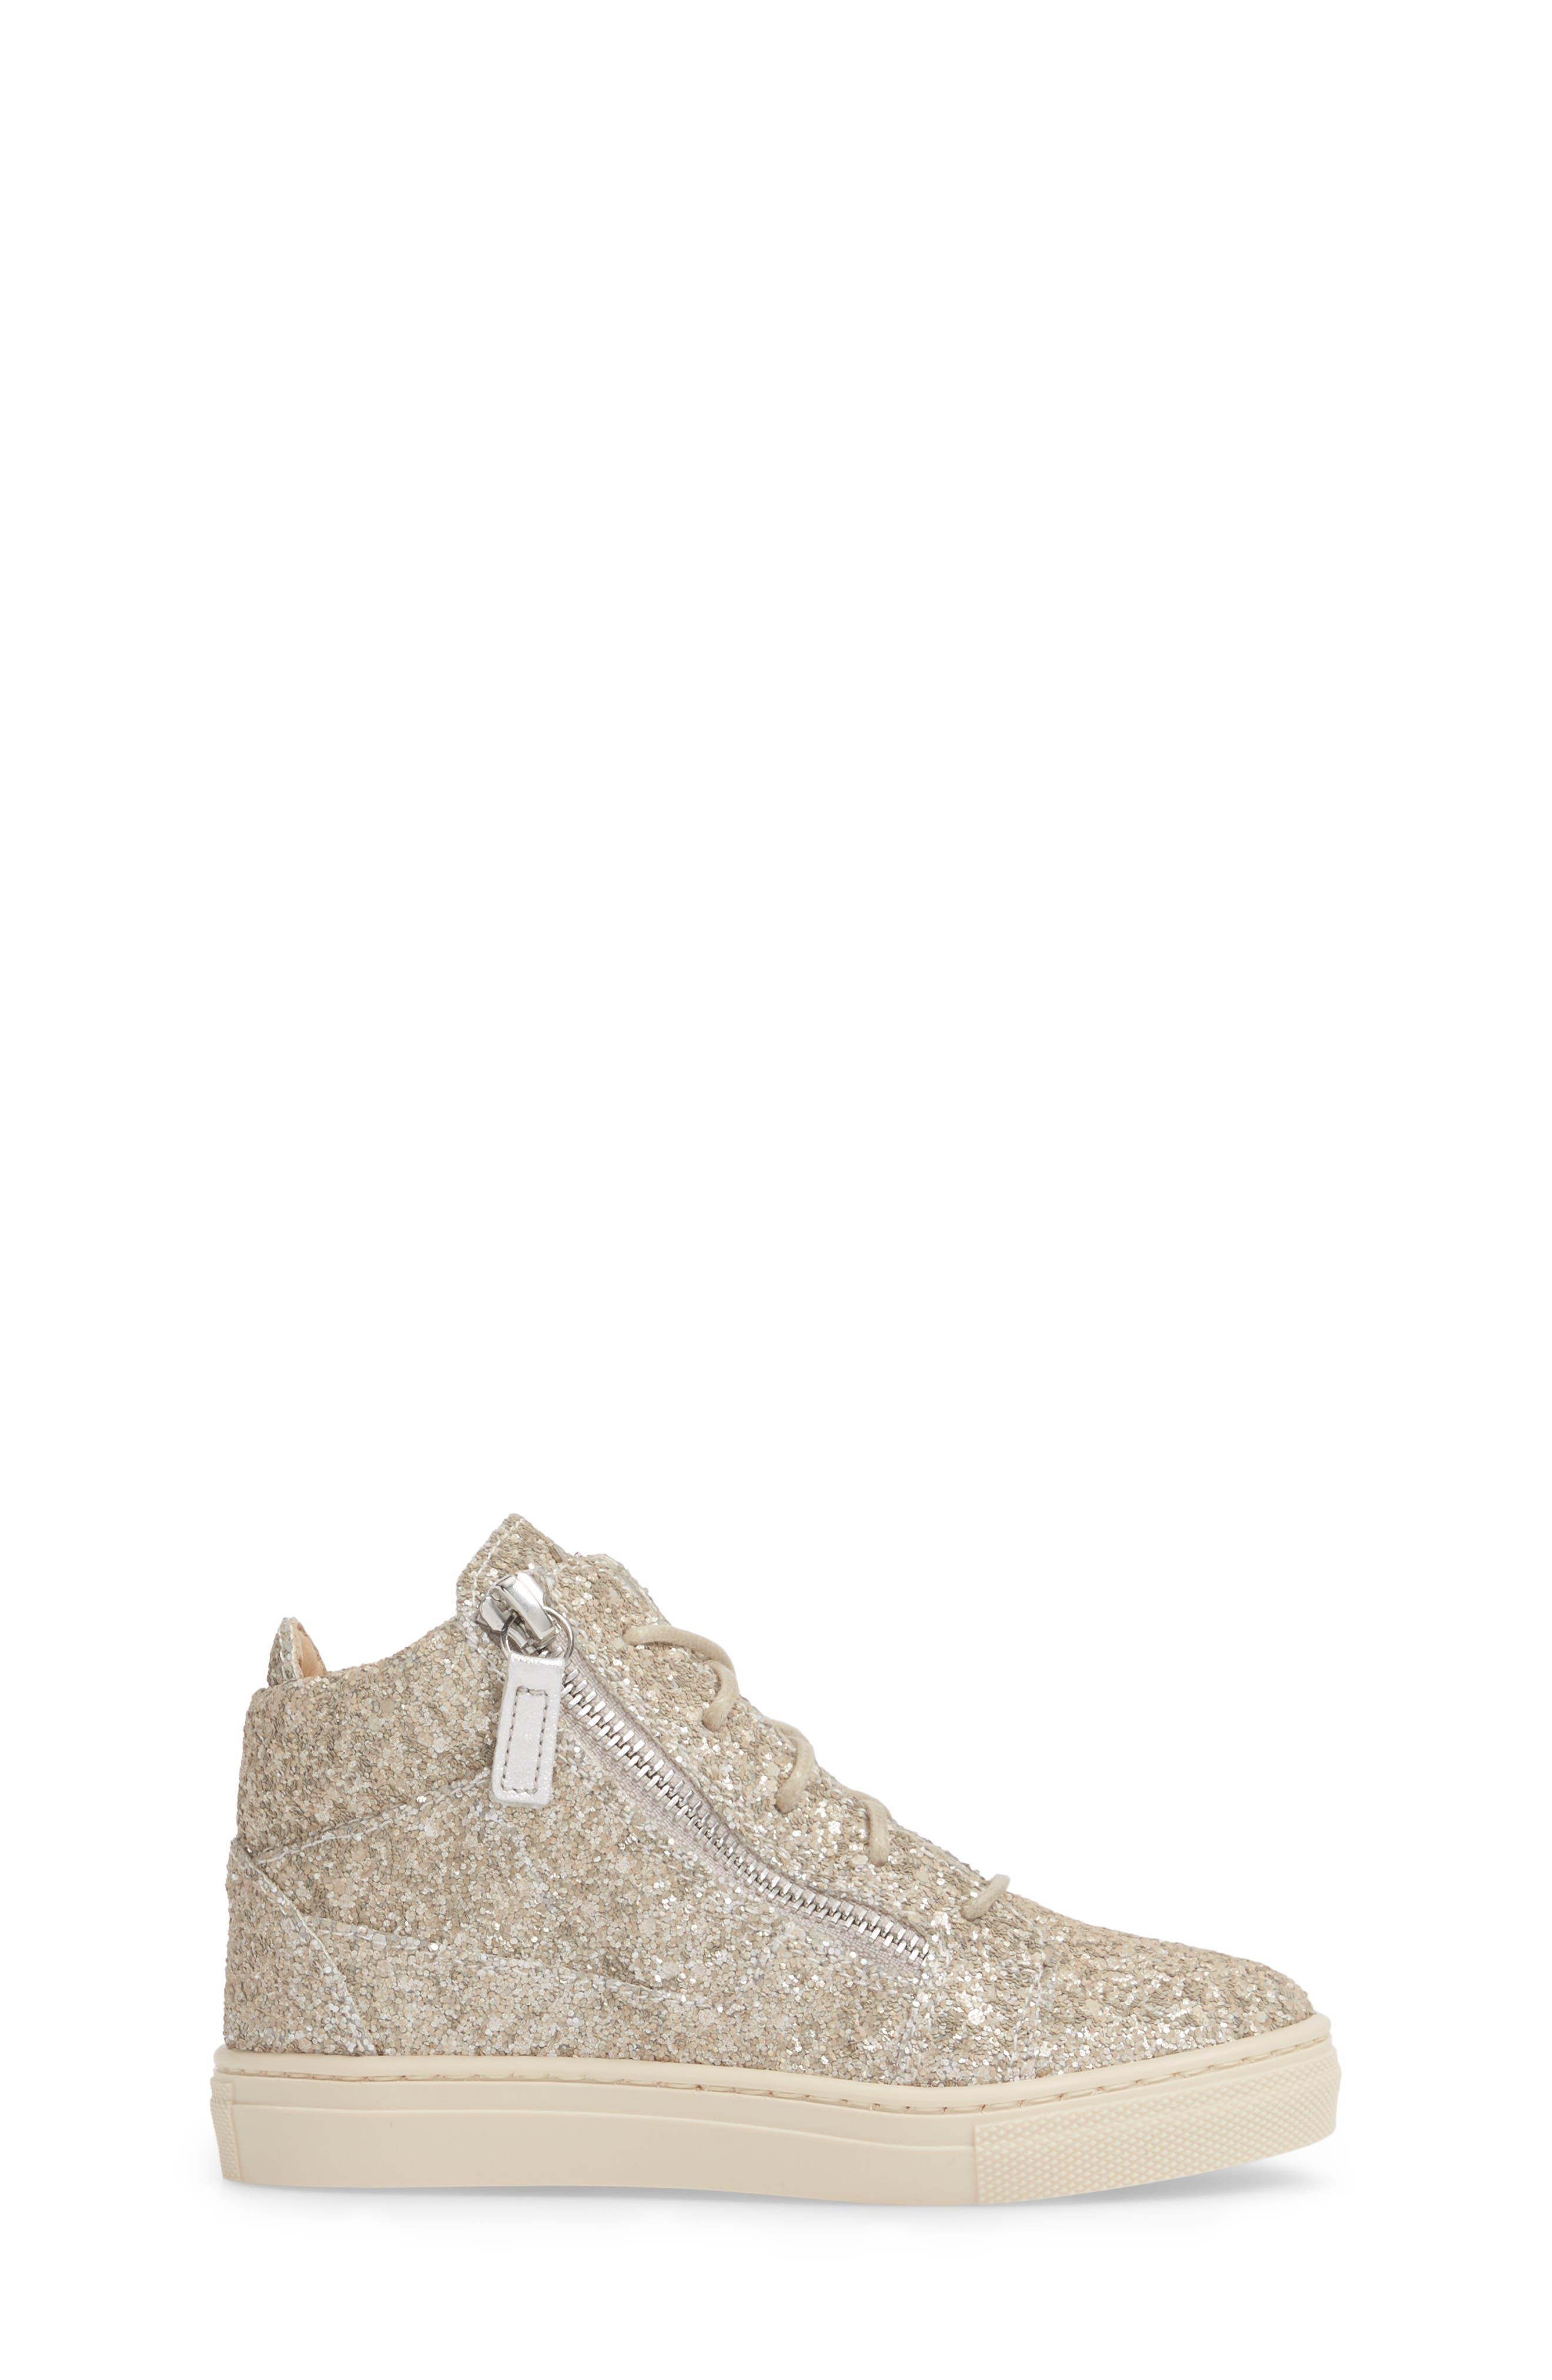 GIUSEPPE ZANOTTI,                             Natalie High Top Sneaker,                             Alternate thumbnail 3, color,                             040